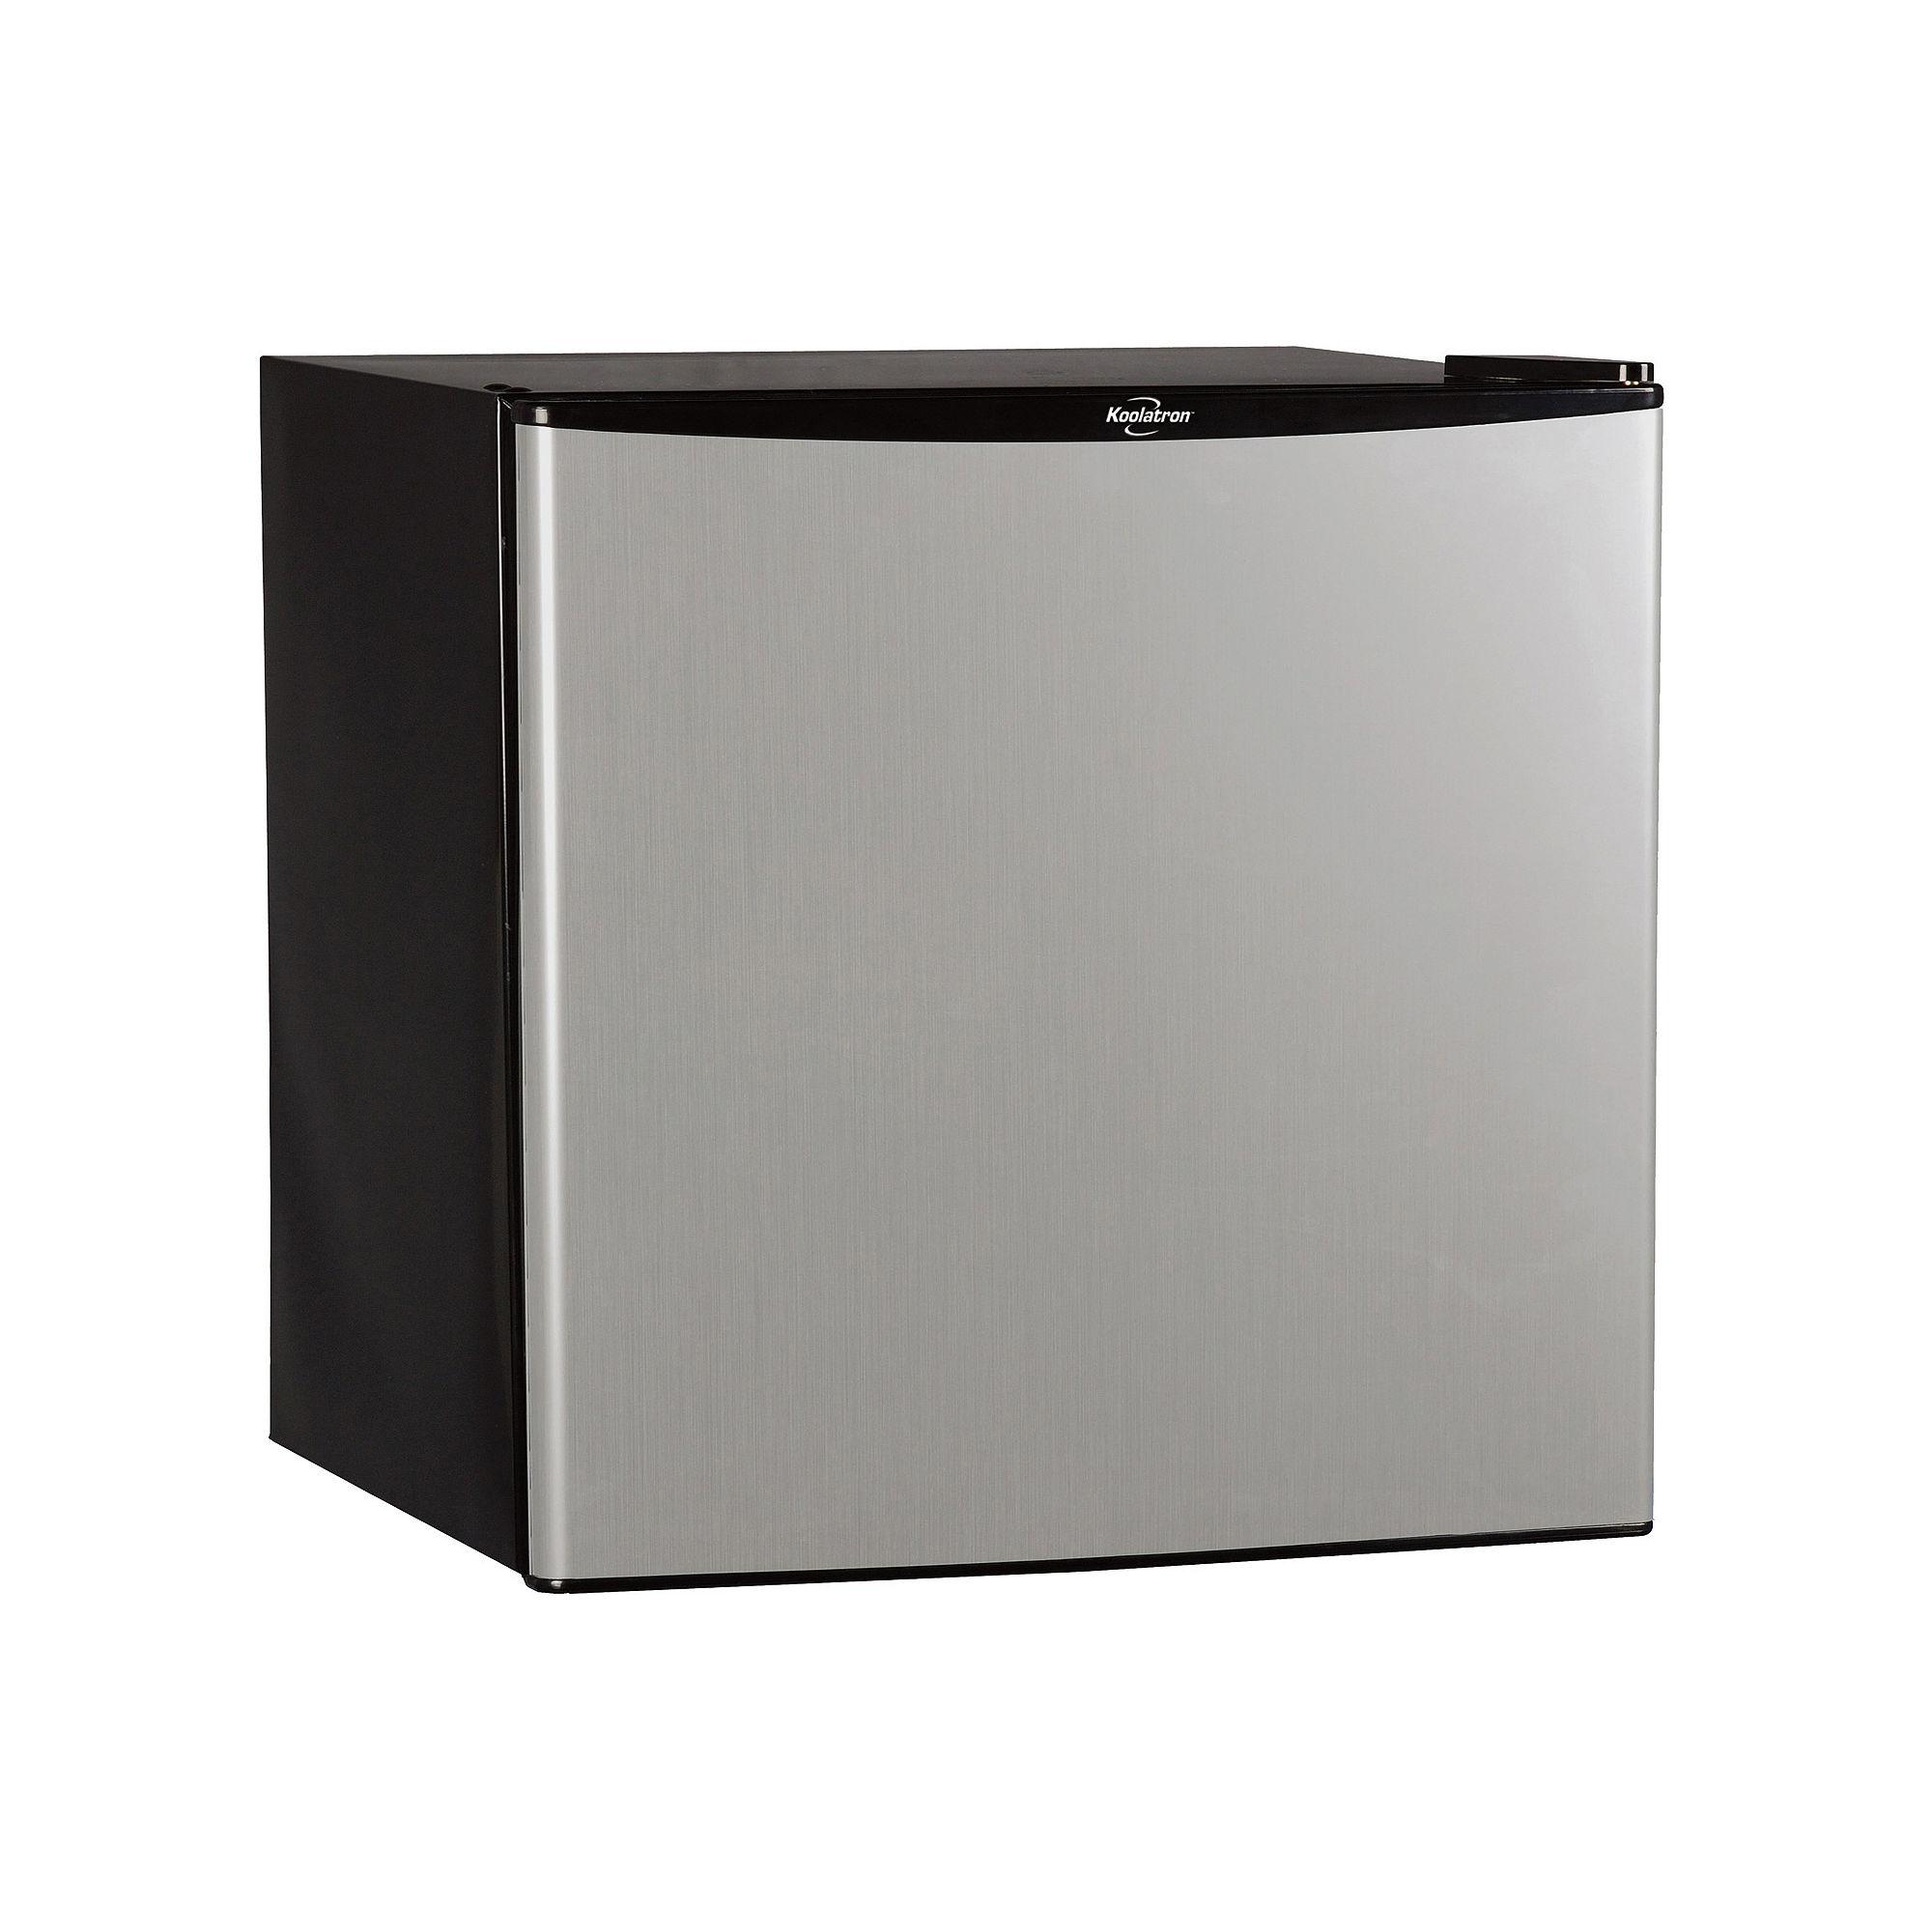 Koolatron Compressor Refrigerator 1.7 Cu. Ft